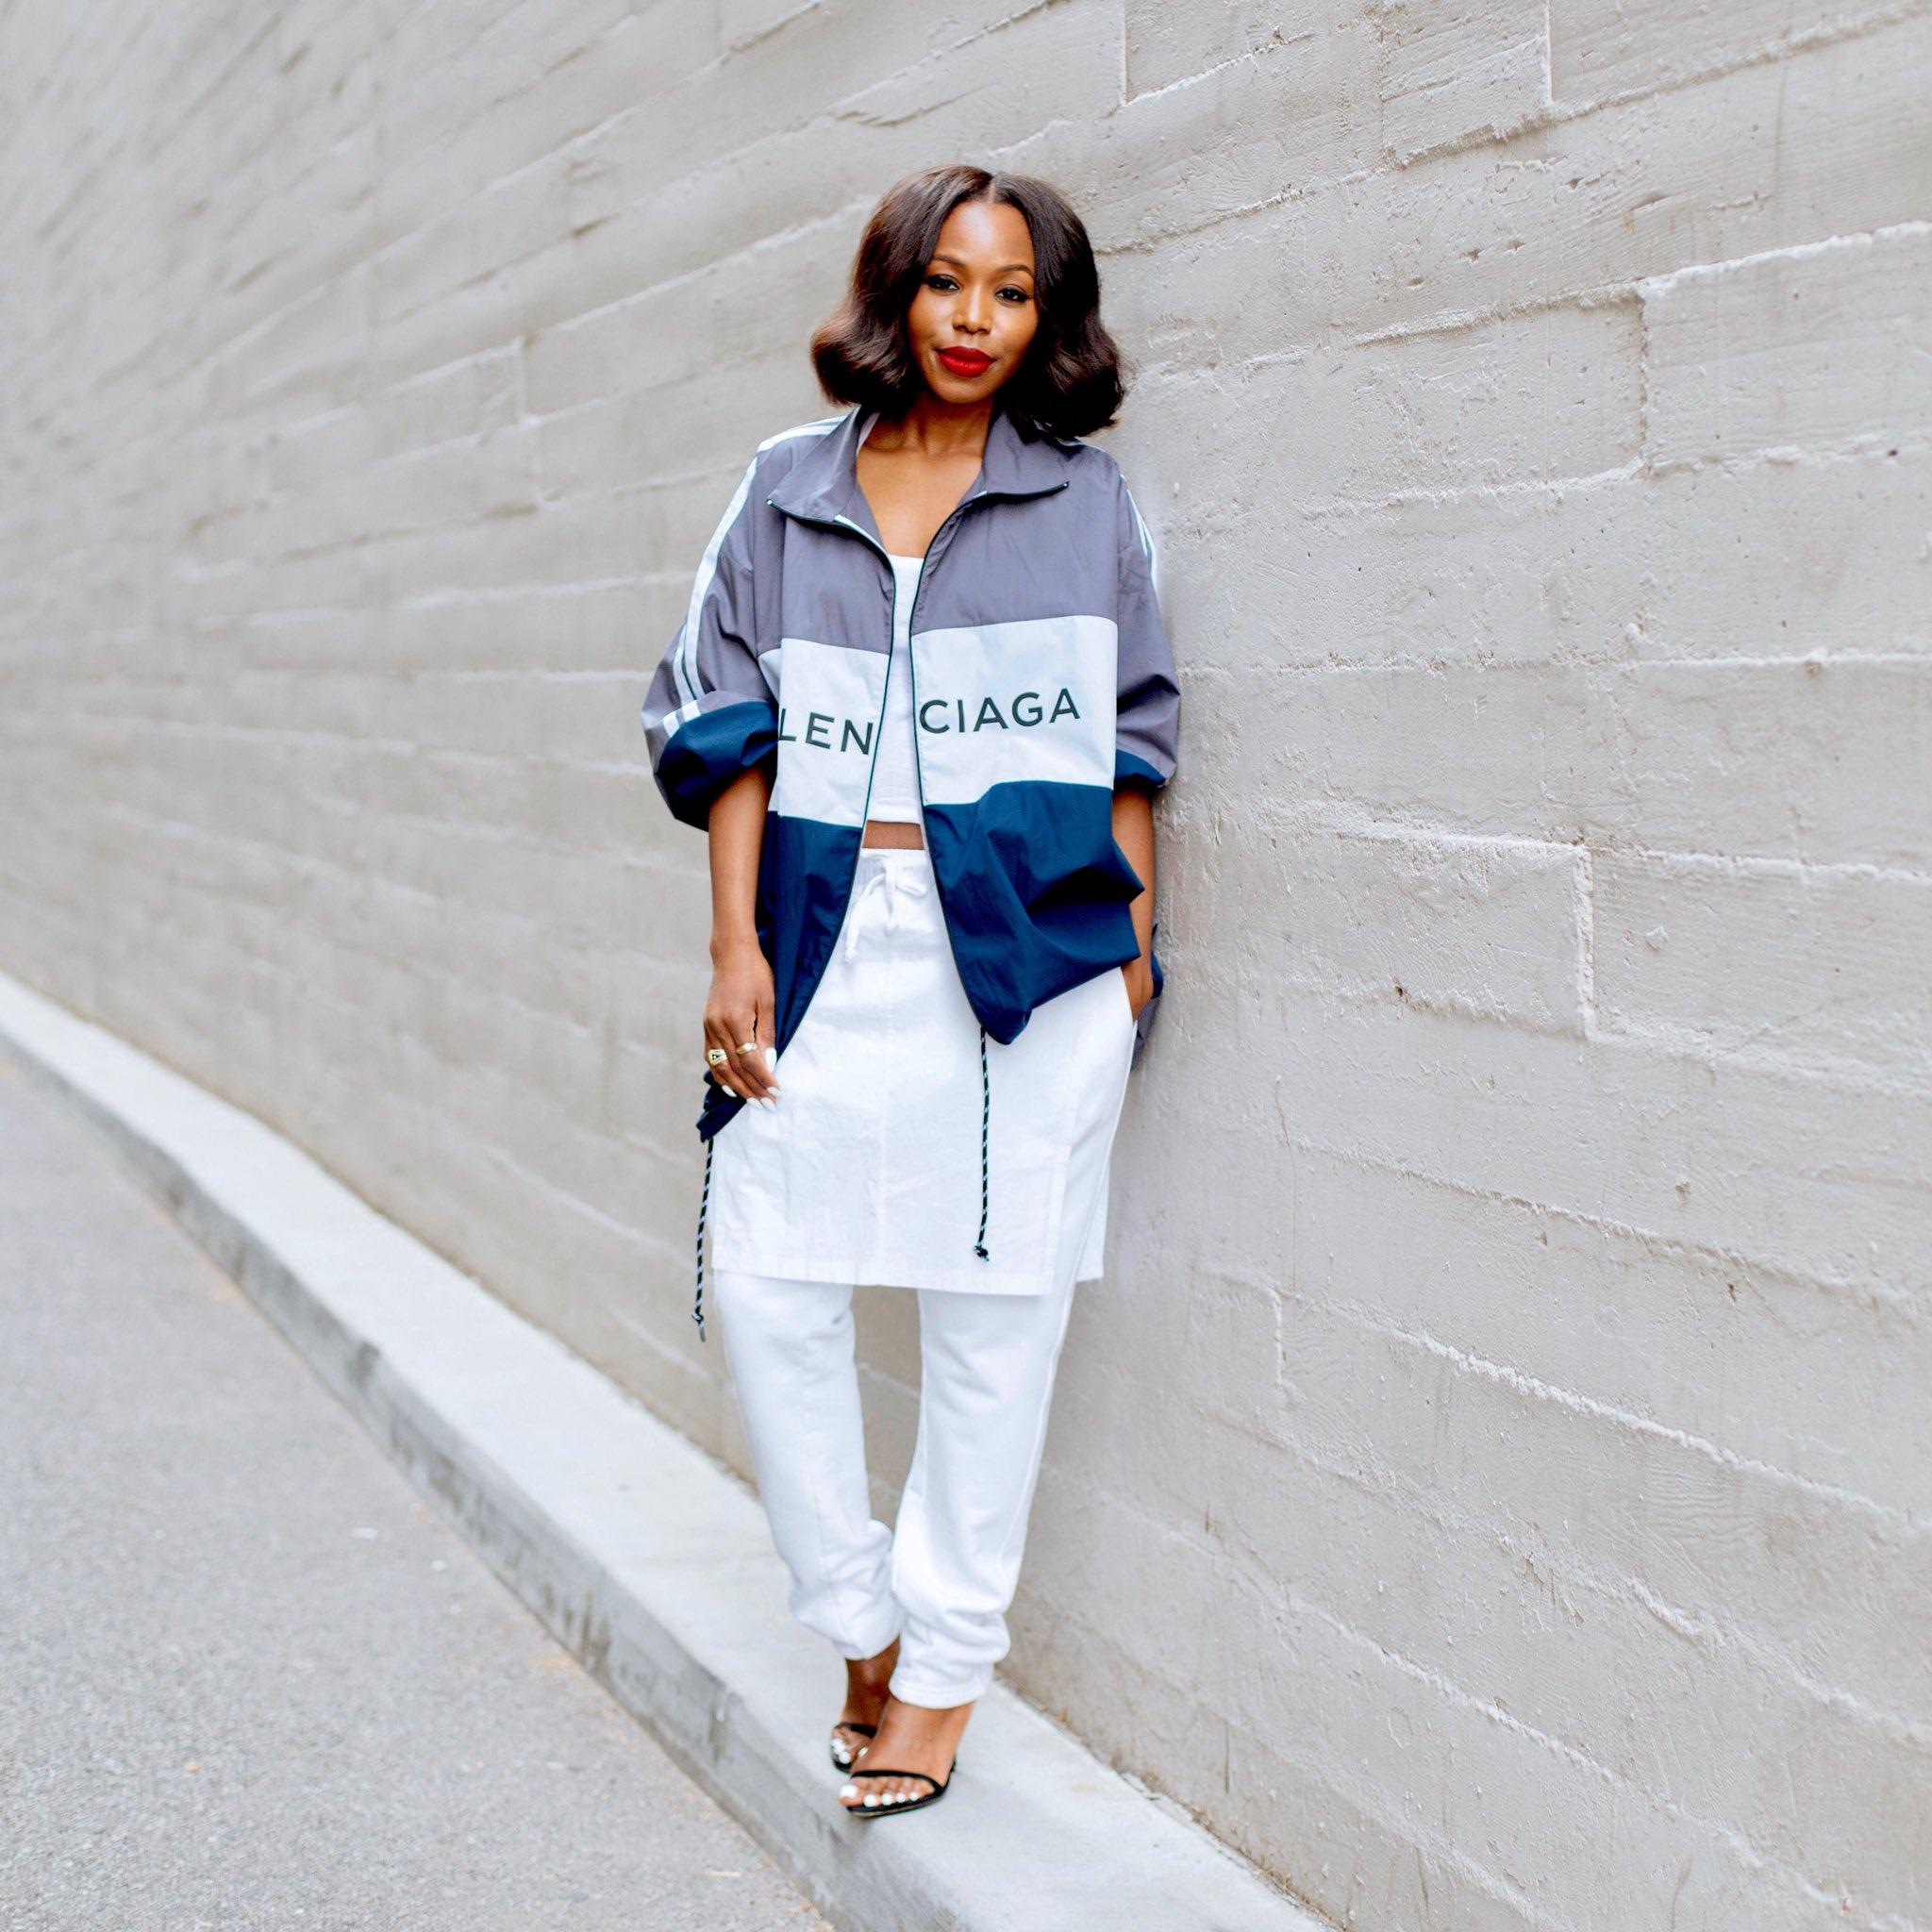 #KillingTheGame: 8 Black Women in Fashion to Follow On IG